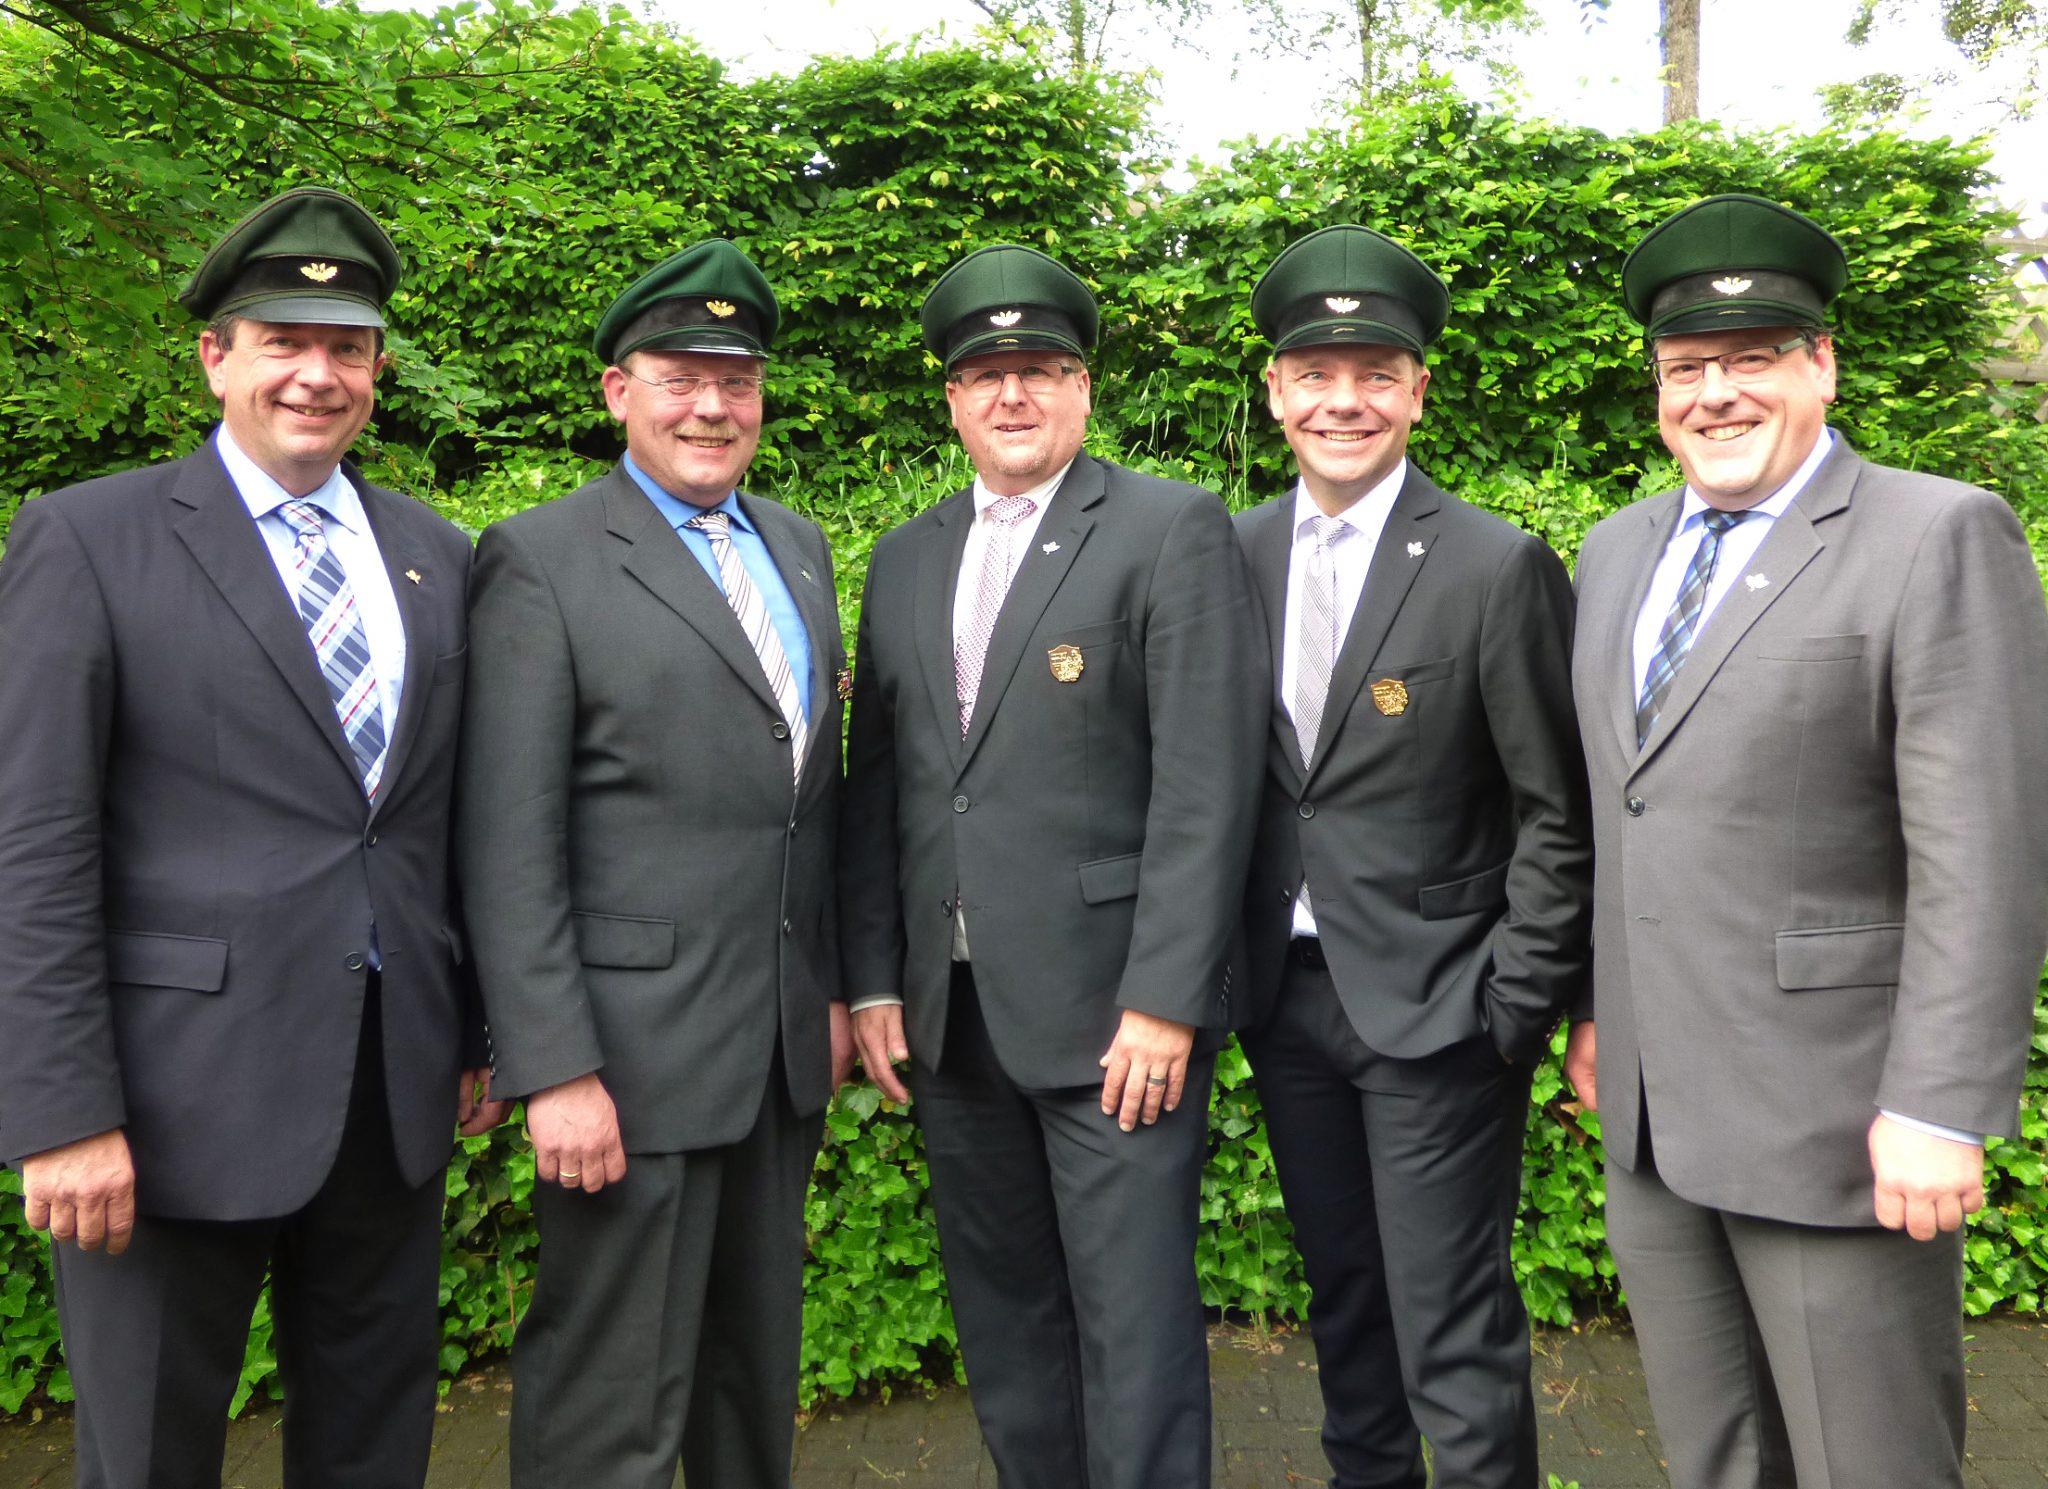 Schützenverein Olpe - Ordensübergabe 2018 - Ehrungen